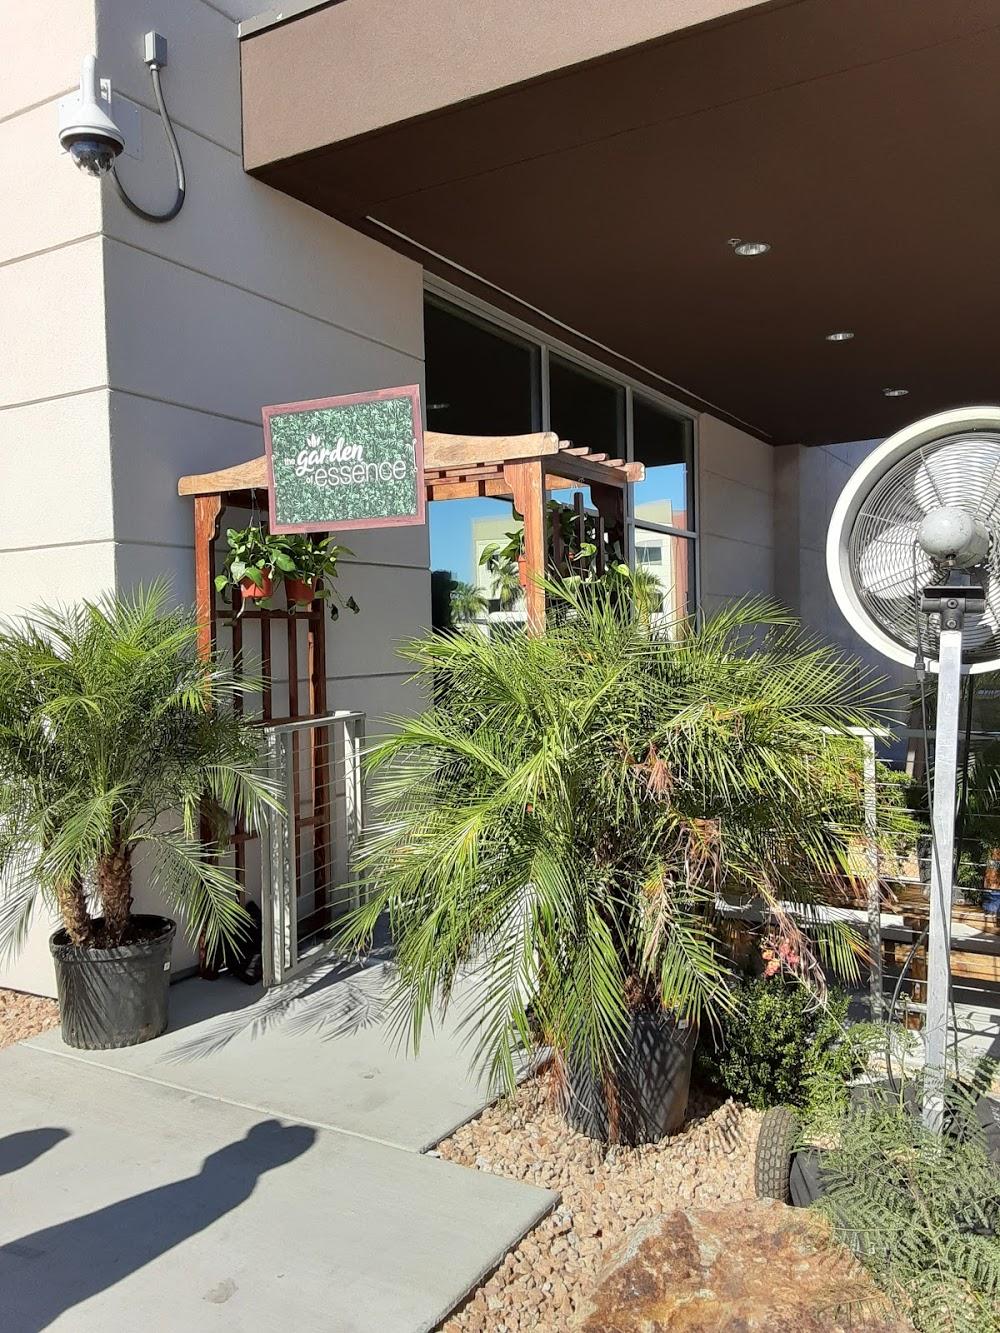 Essence Cannabis Dispensary South Durango